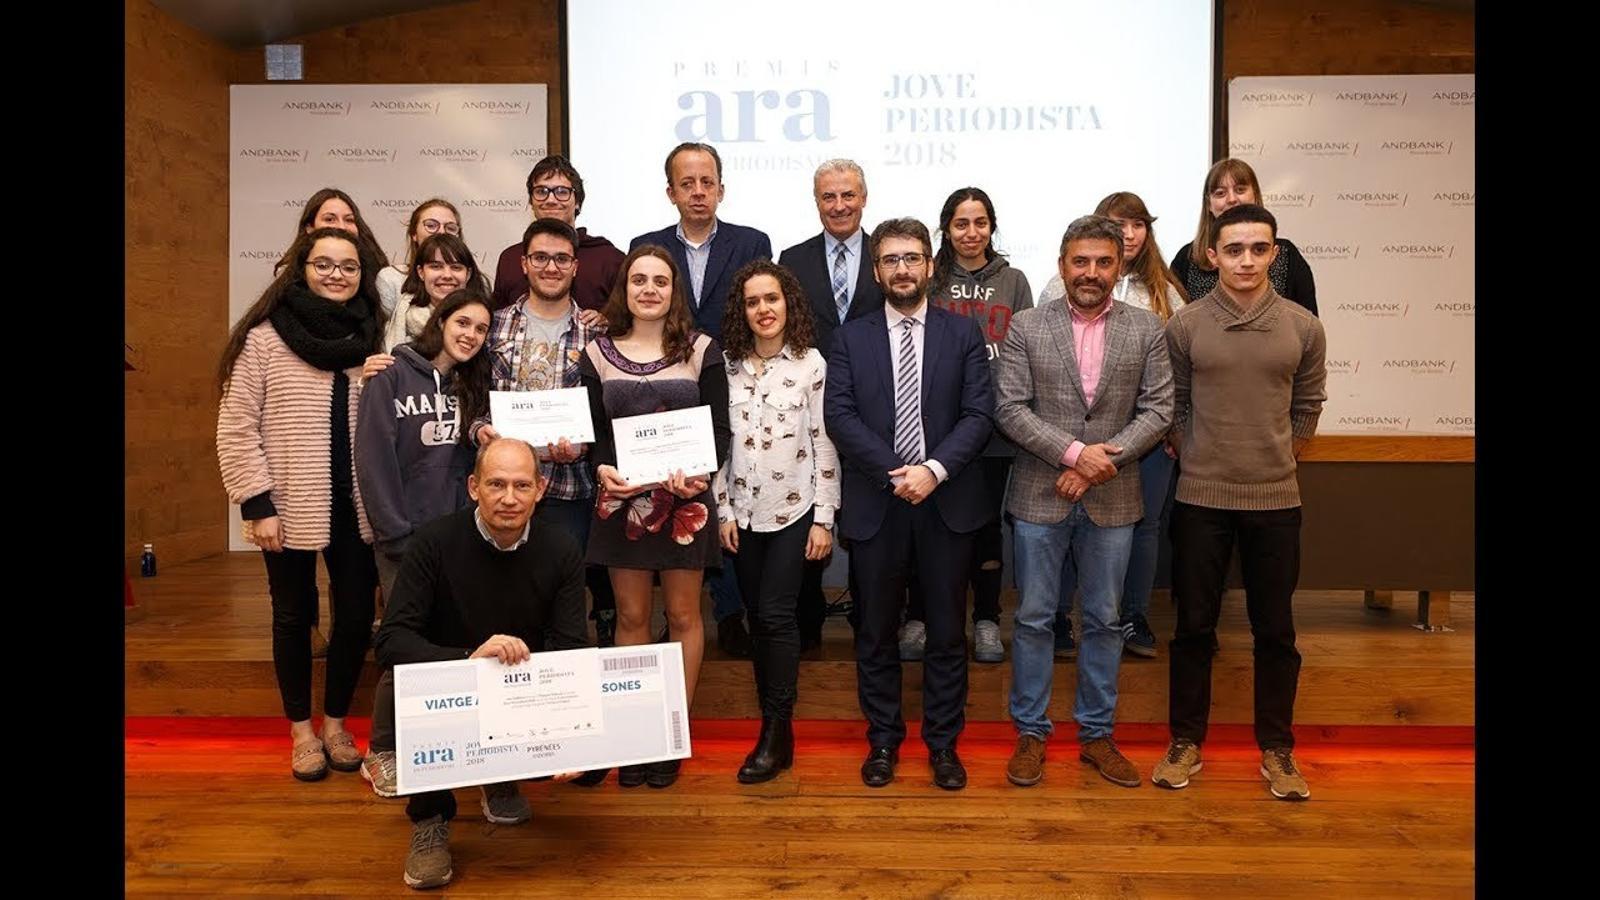 Entrega dels guardons del Premi Jove Periodista 2018